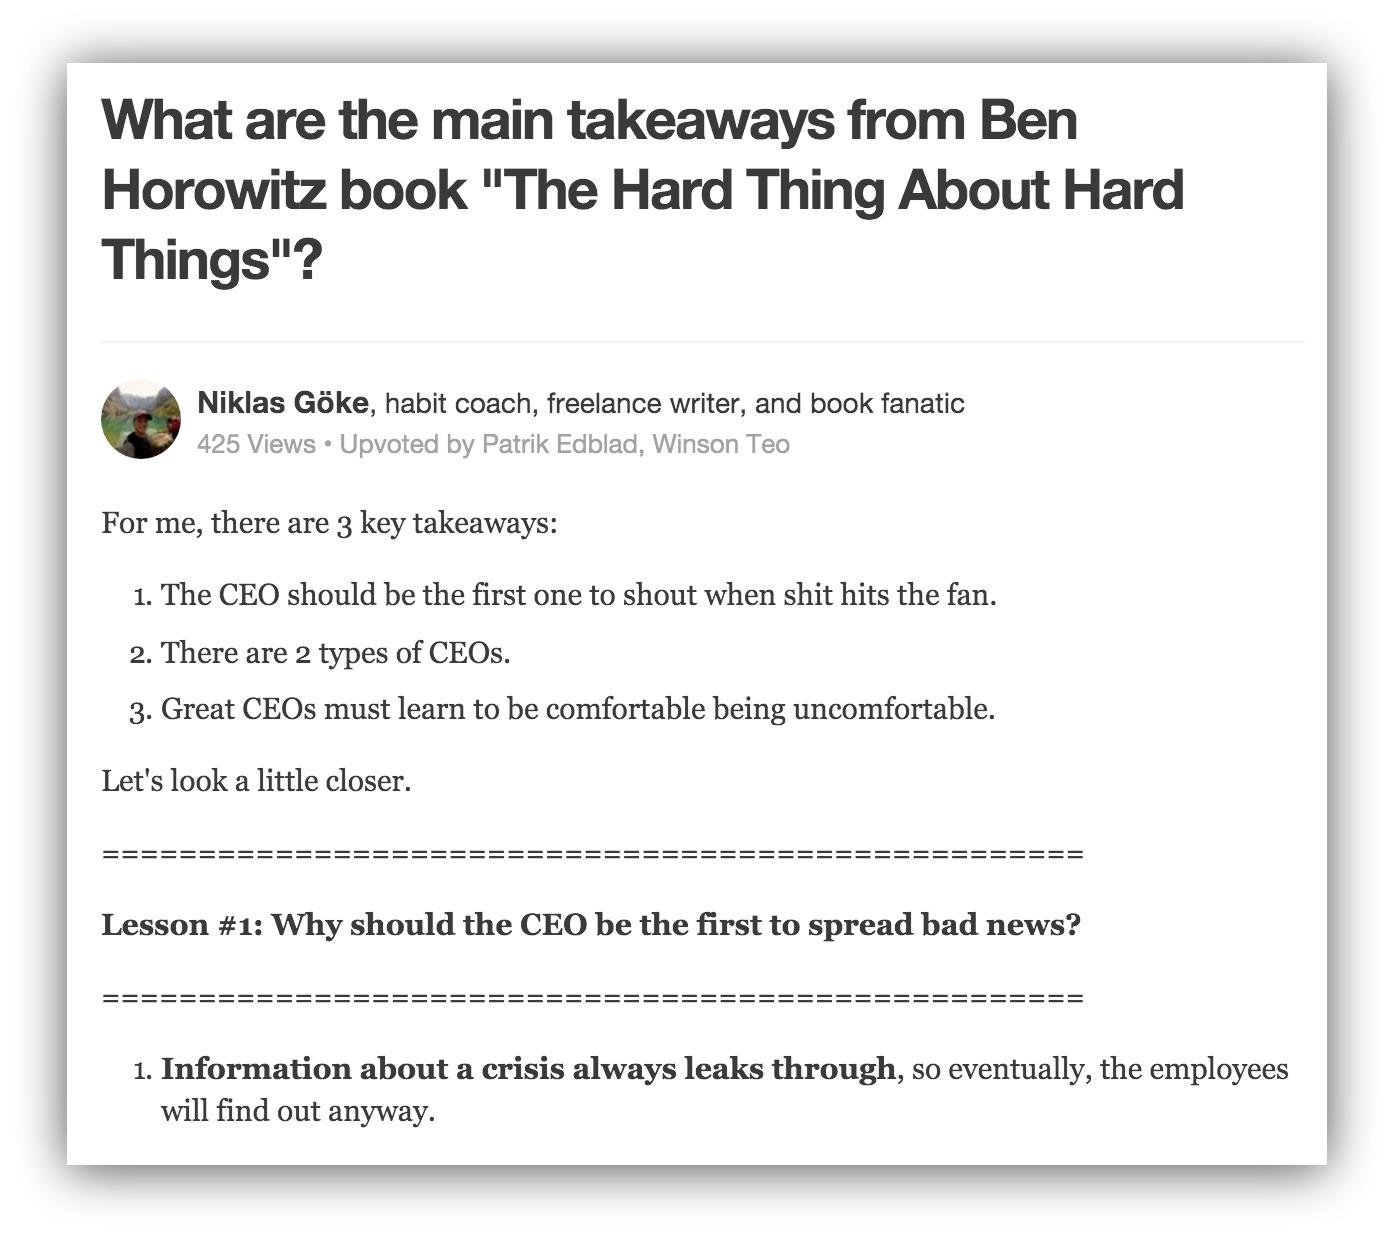 main takeaways from ben horowitz book